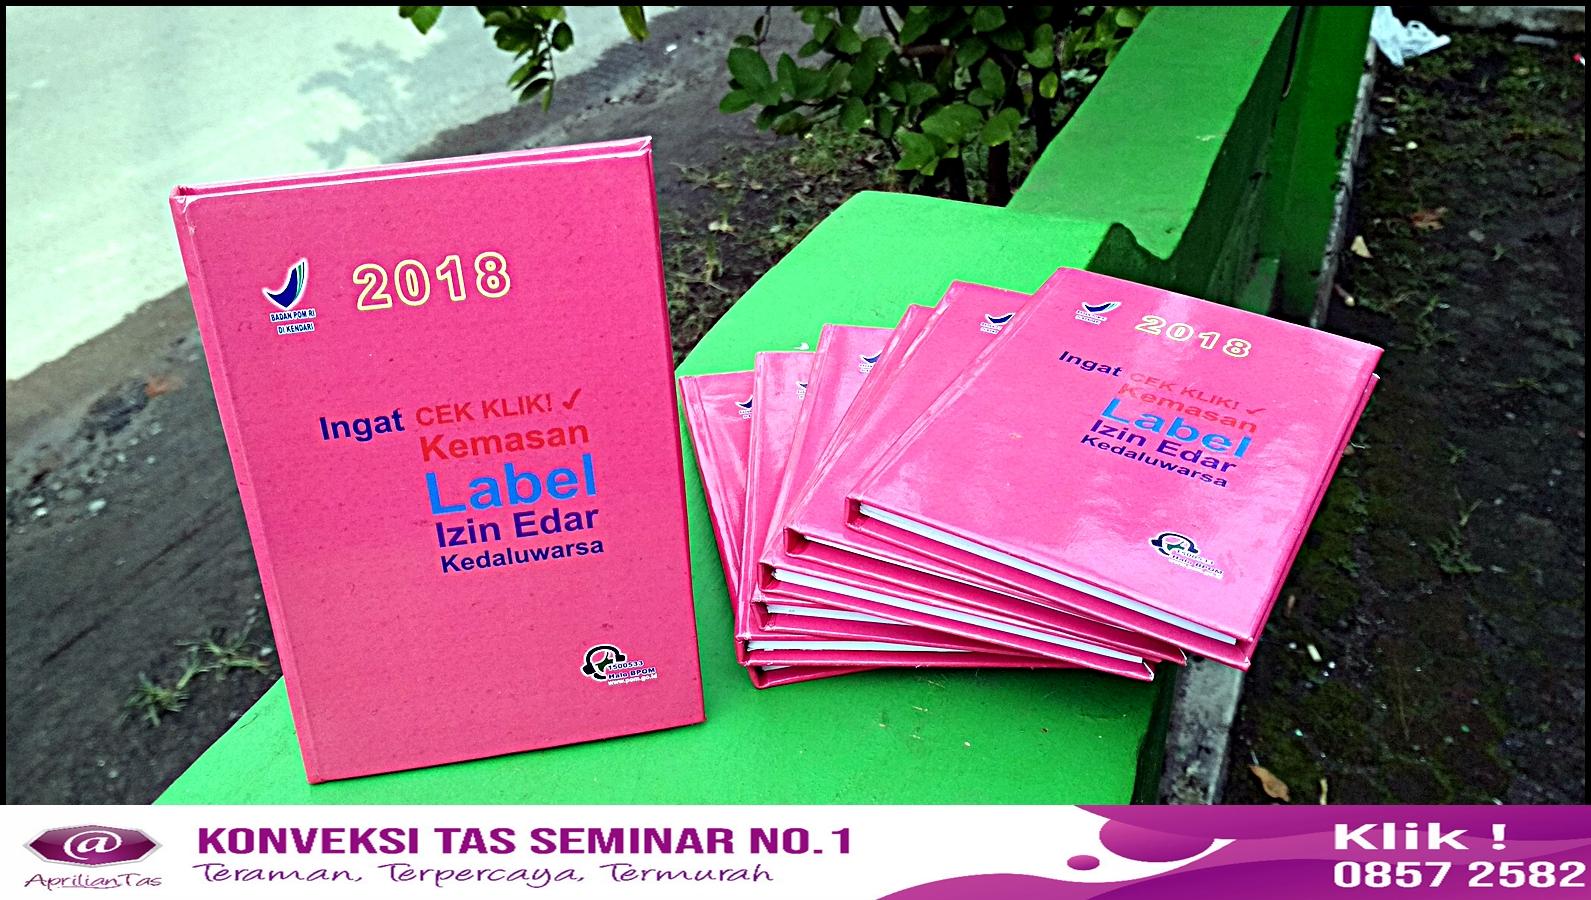 Tas Seminar Kit Bandung, Paket Seminar Kit Irit Untuk Sukseskan Acaramu Tas untuk seminar,harga tas untuk seminar kit,model tas untuk seminar,harga tas untuk seminar,